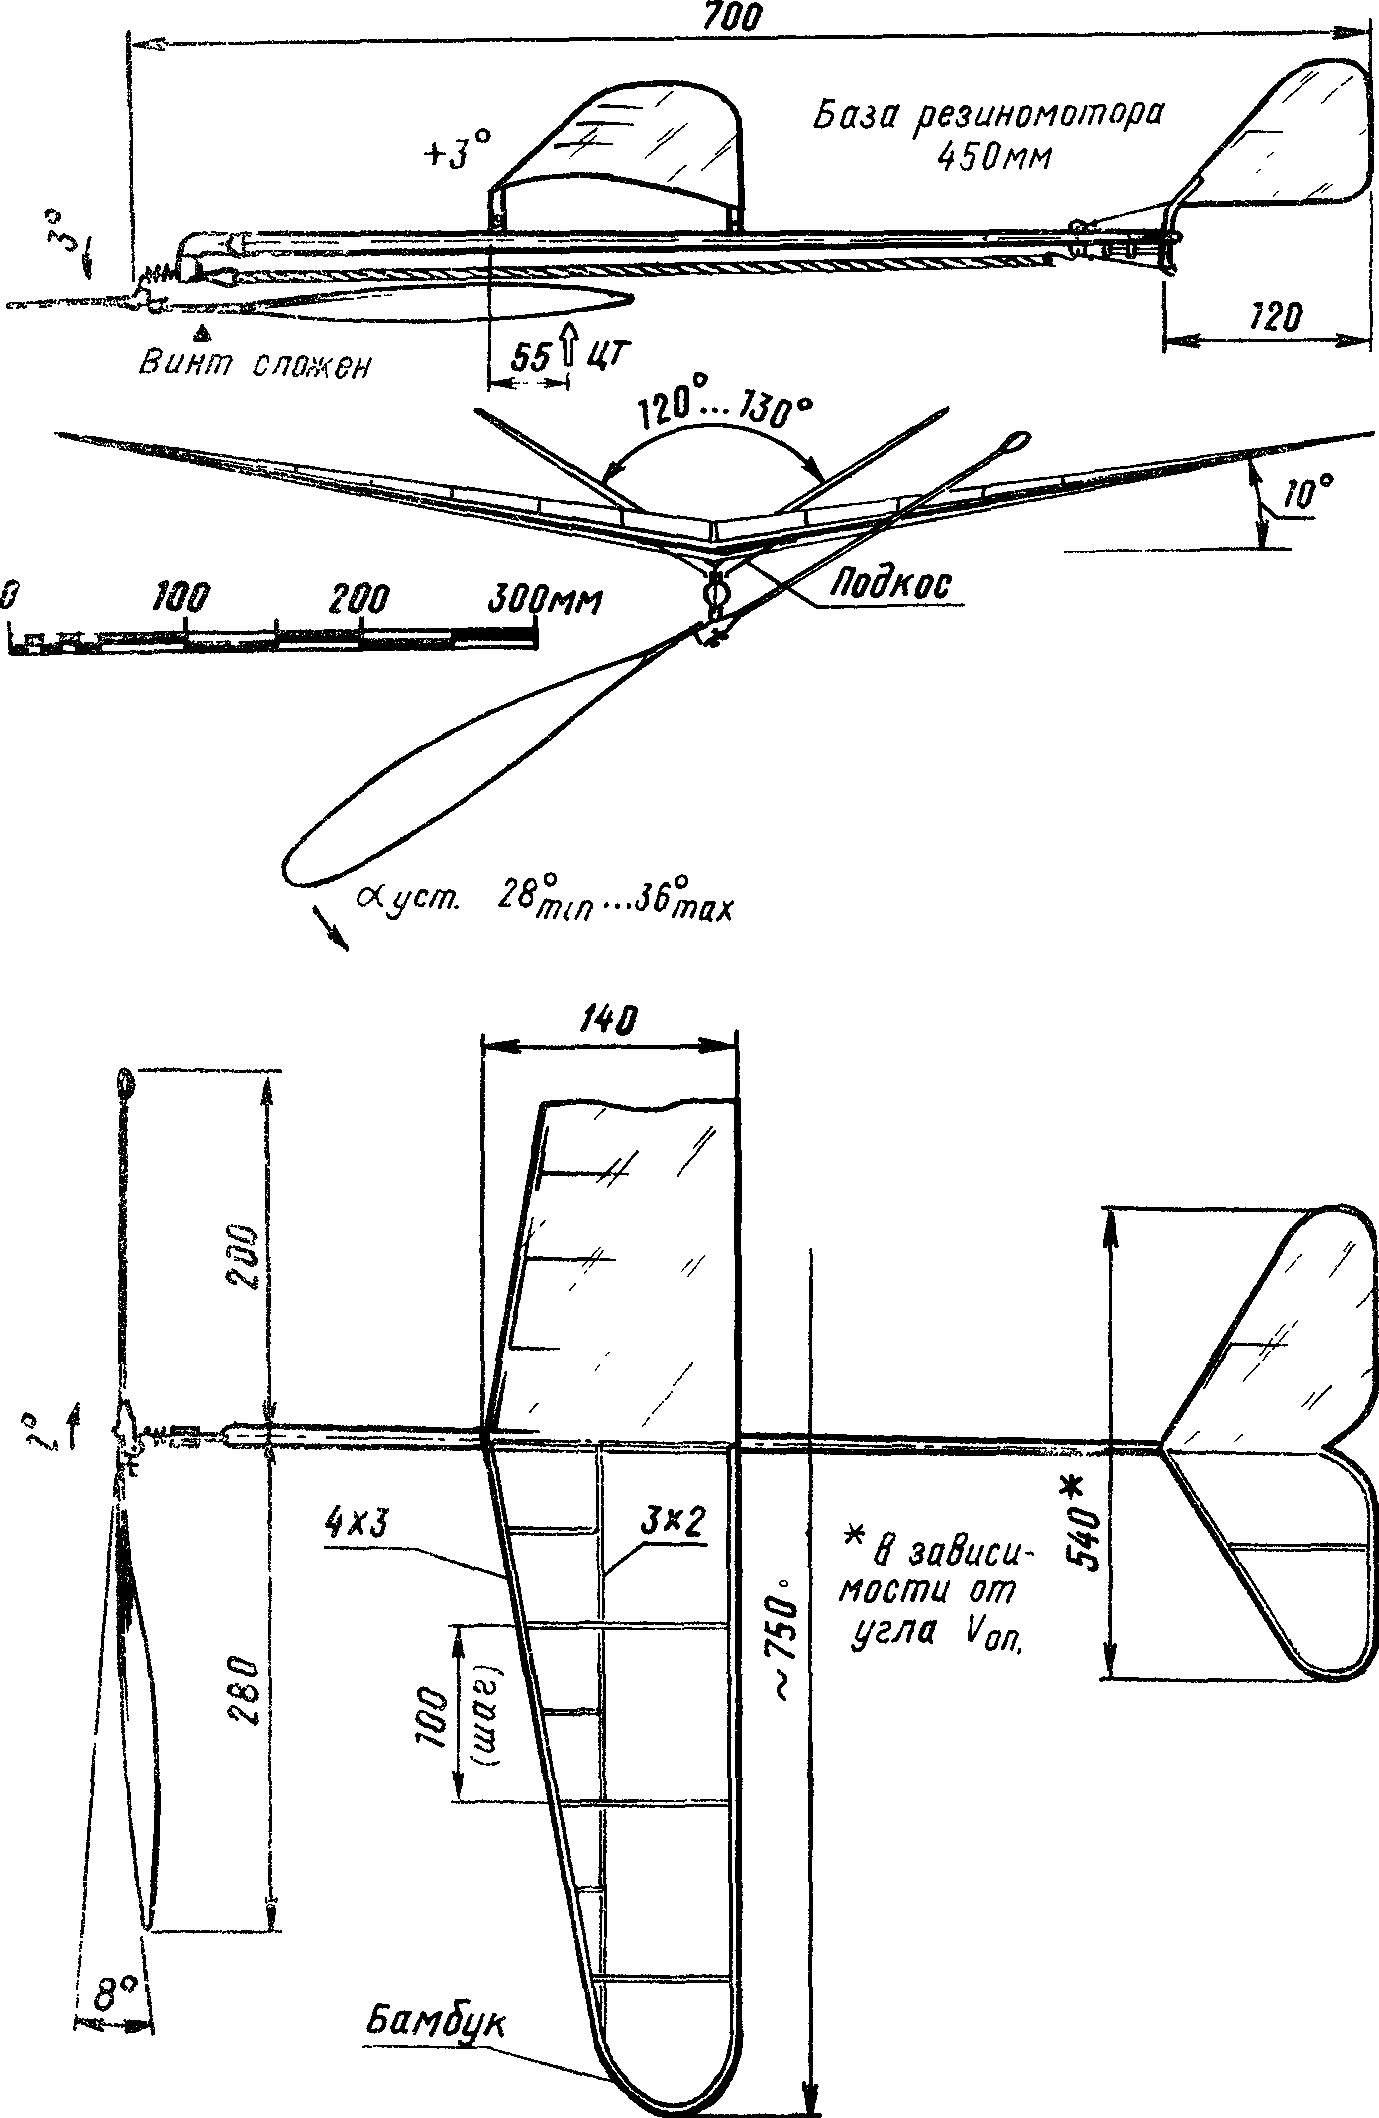 Резиномоторный самолет своими руками чертежи 97